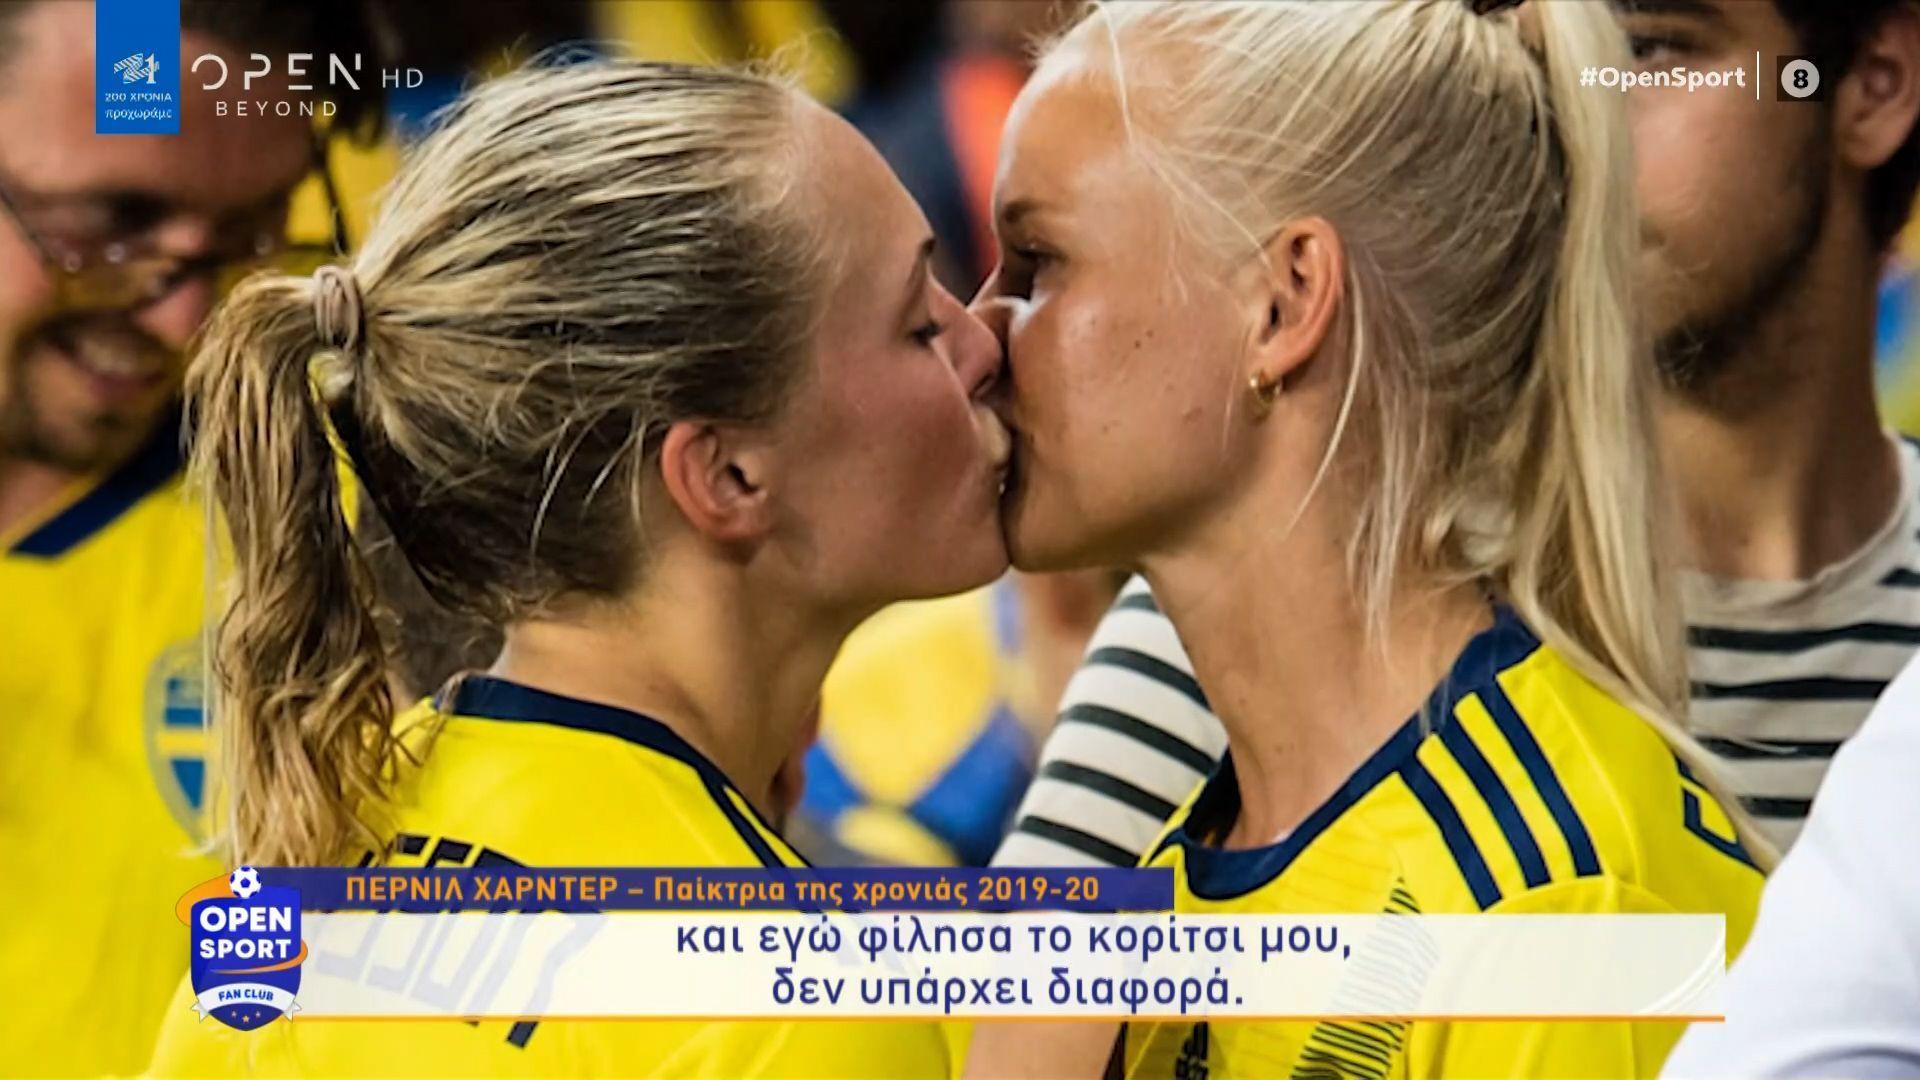 Απόσπασμα από το ντοκιμαντέρ της UEFA εναντίον των διακρίσεων! (video)